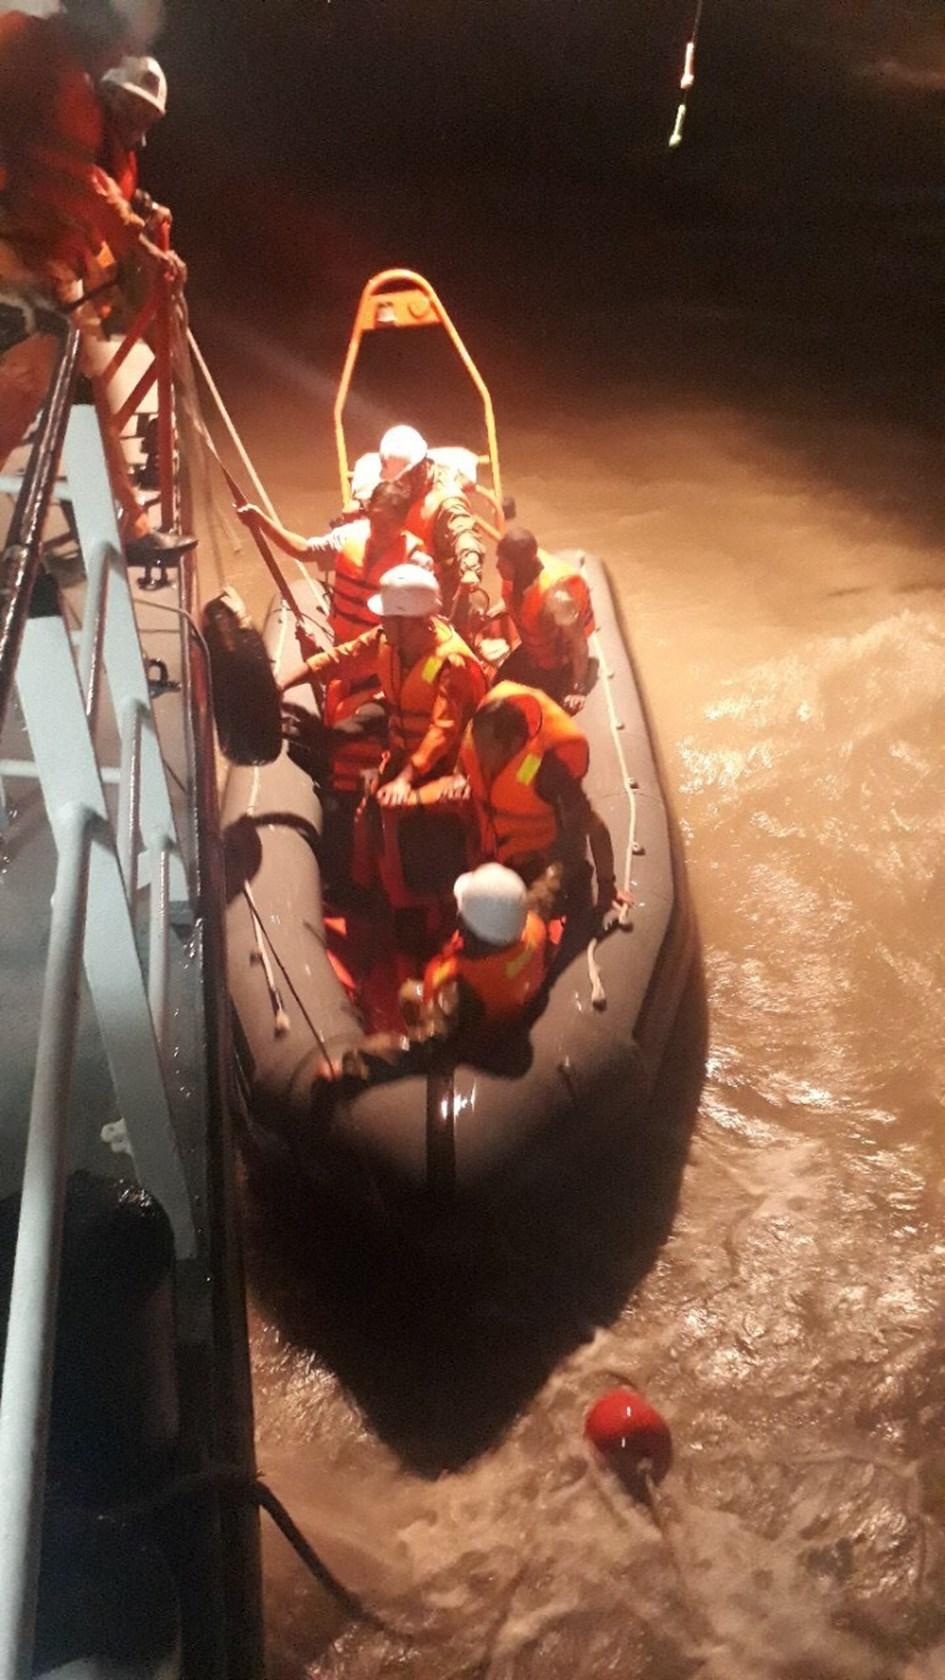 Lực lượng cứu nạn của Trung tâm Phối hợp tìm kiếm cứu nạn hàng hải Việt Nam cứu thành công 05 ngư dân ngay trong bão số 9